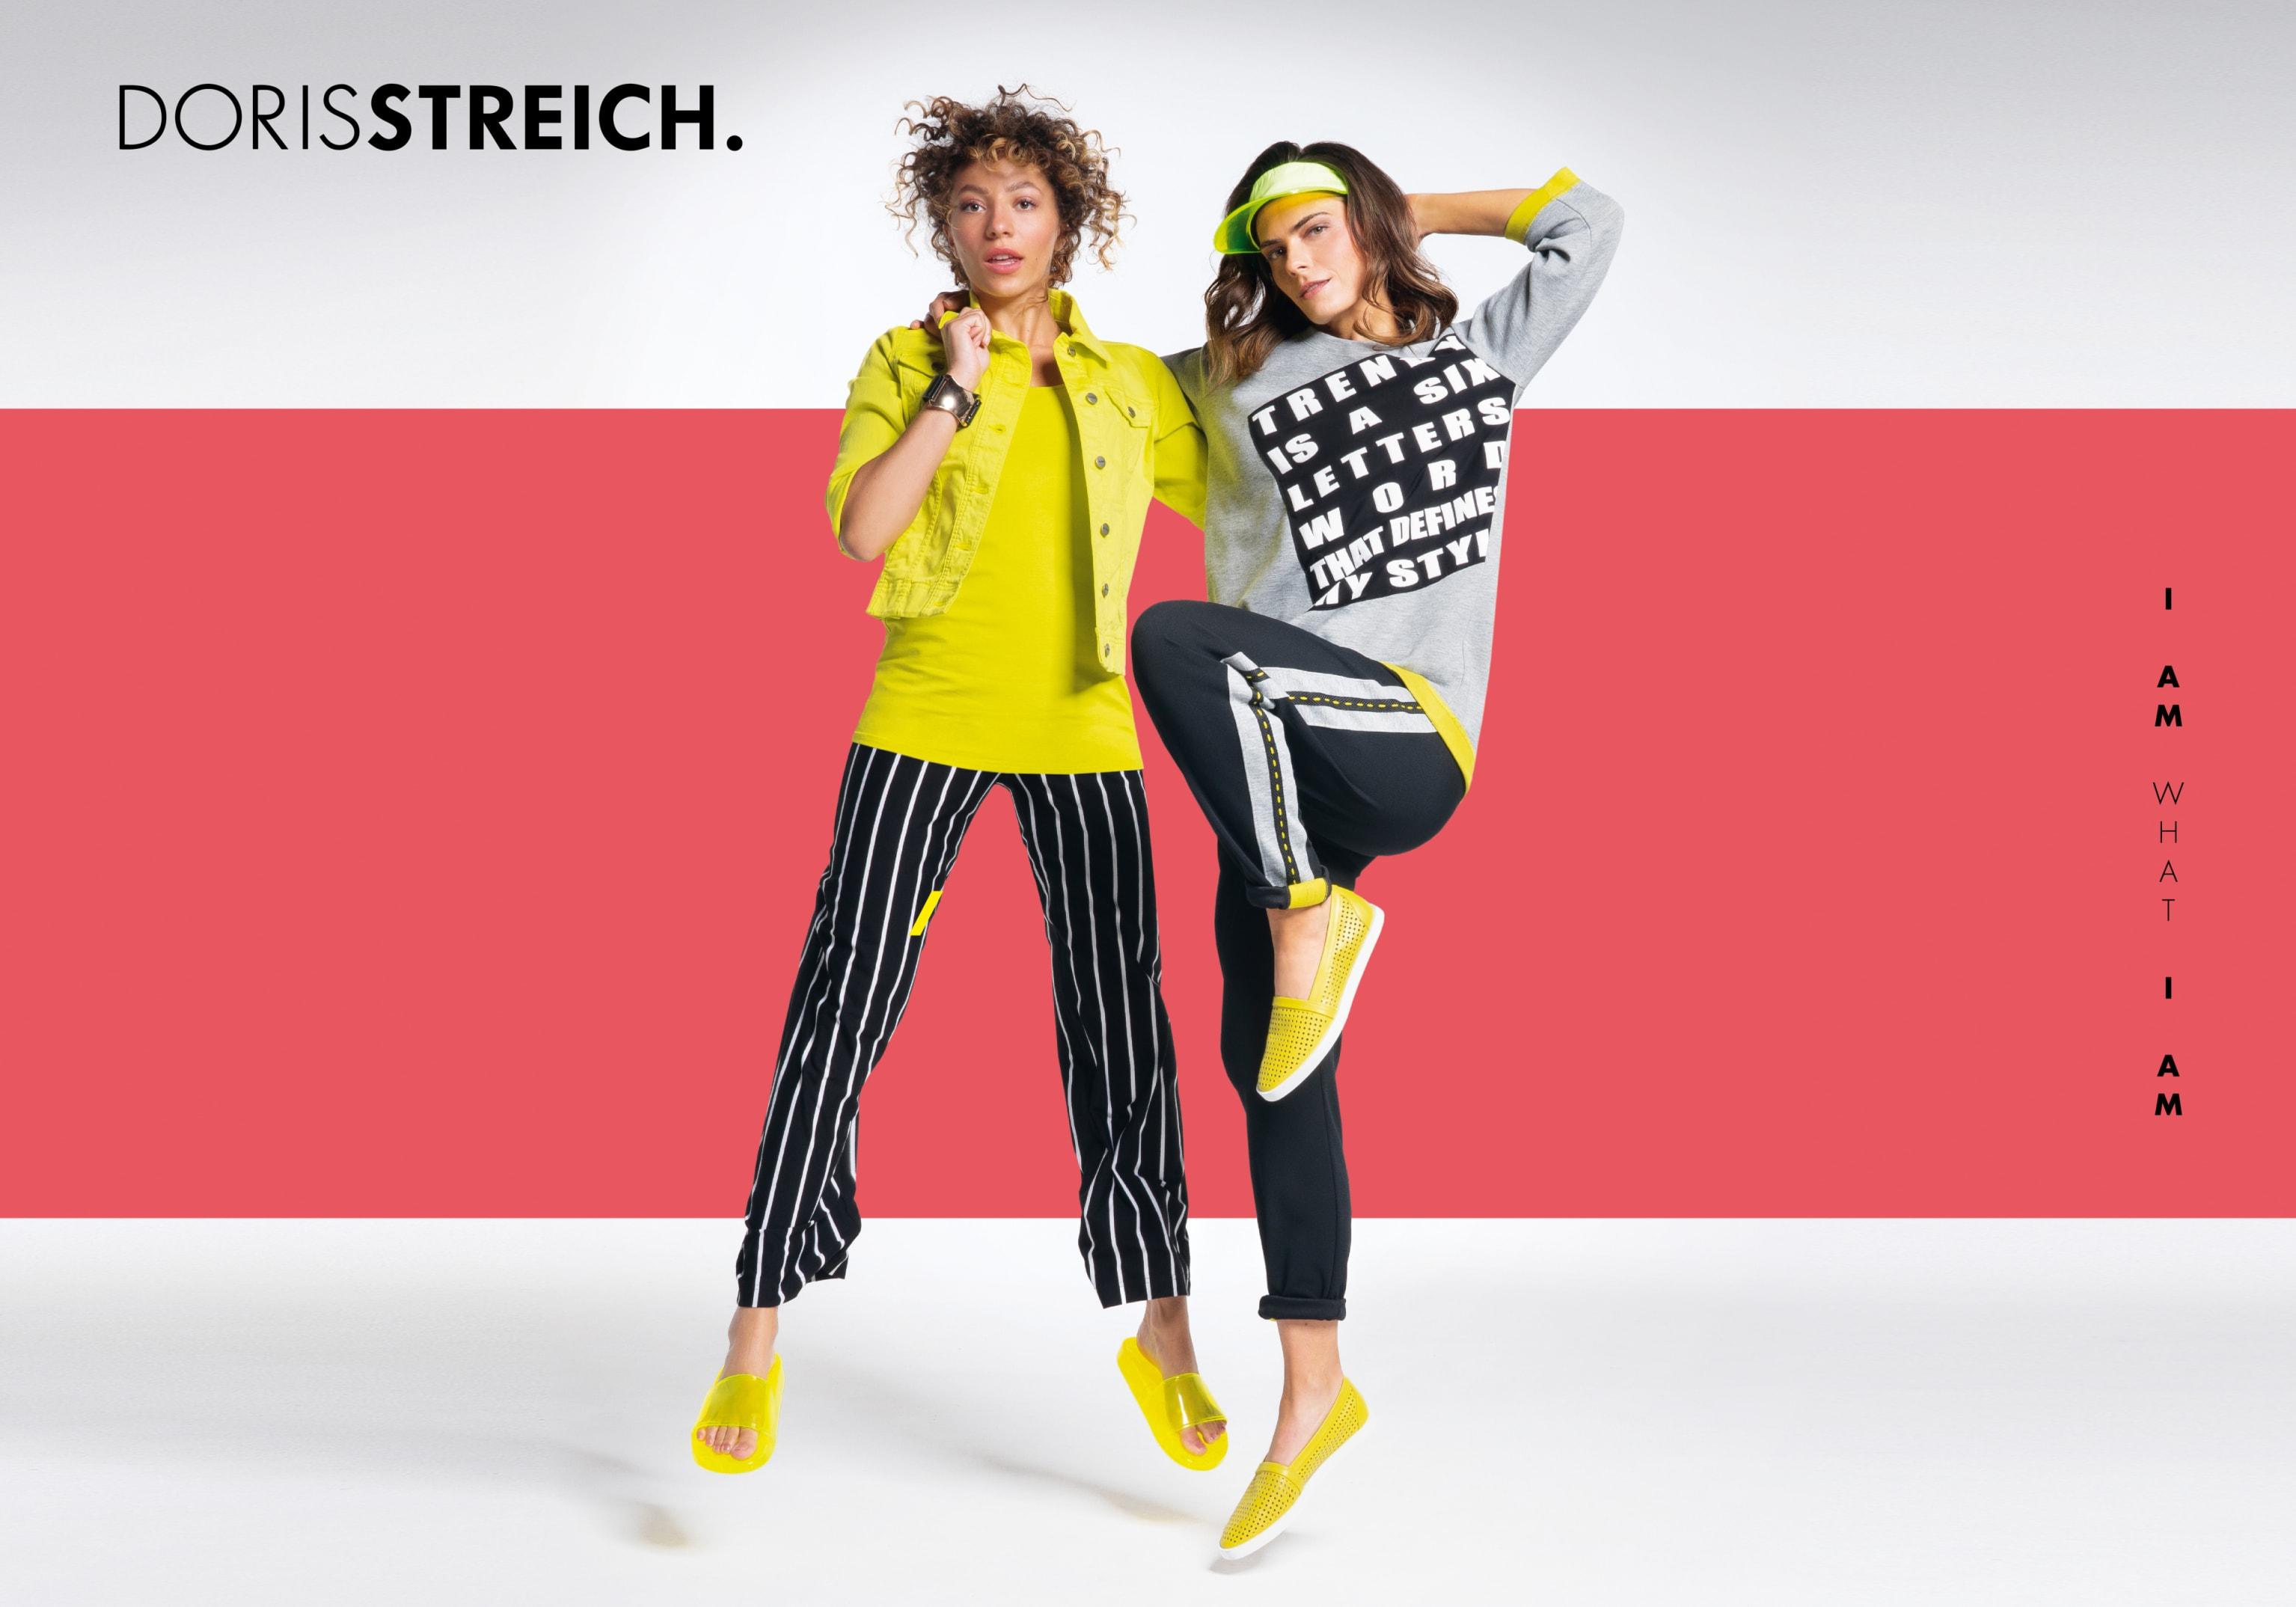 DorisStreich